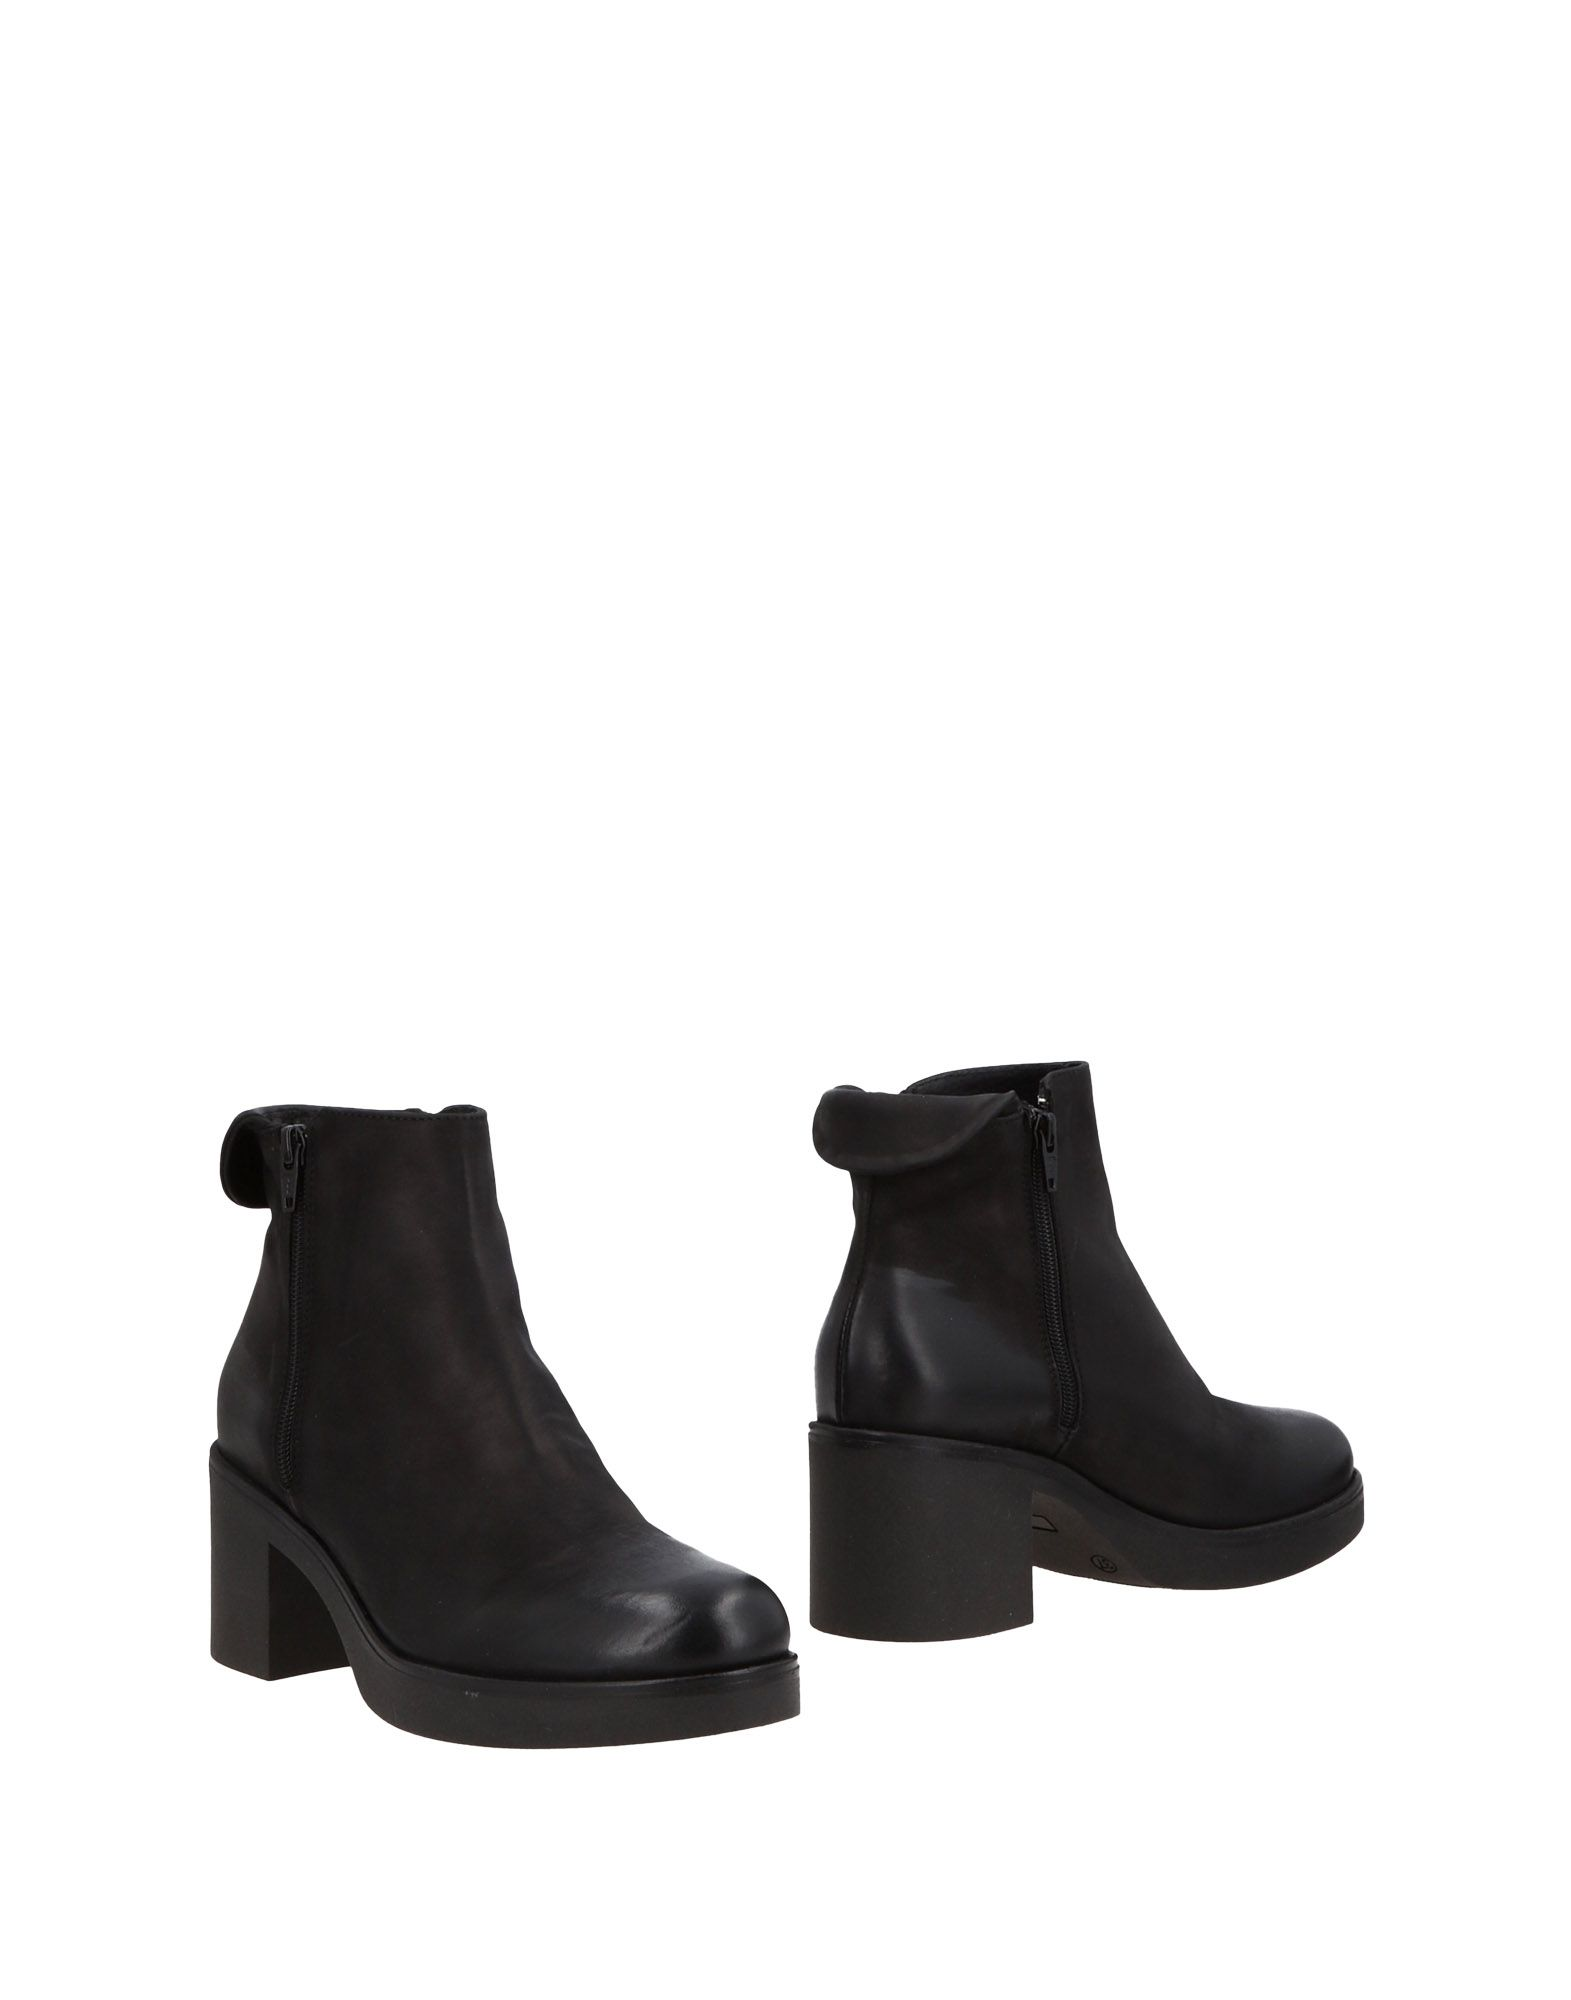 Silvia Rossini Ankle Rossini Boot - Women Silvia Rossini Ankle Ankle Boots online on  Australia - 11495458IP c3fed5